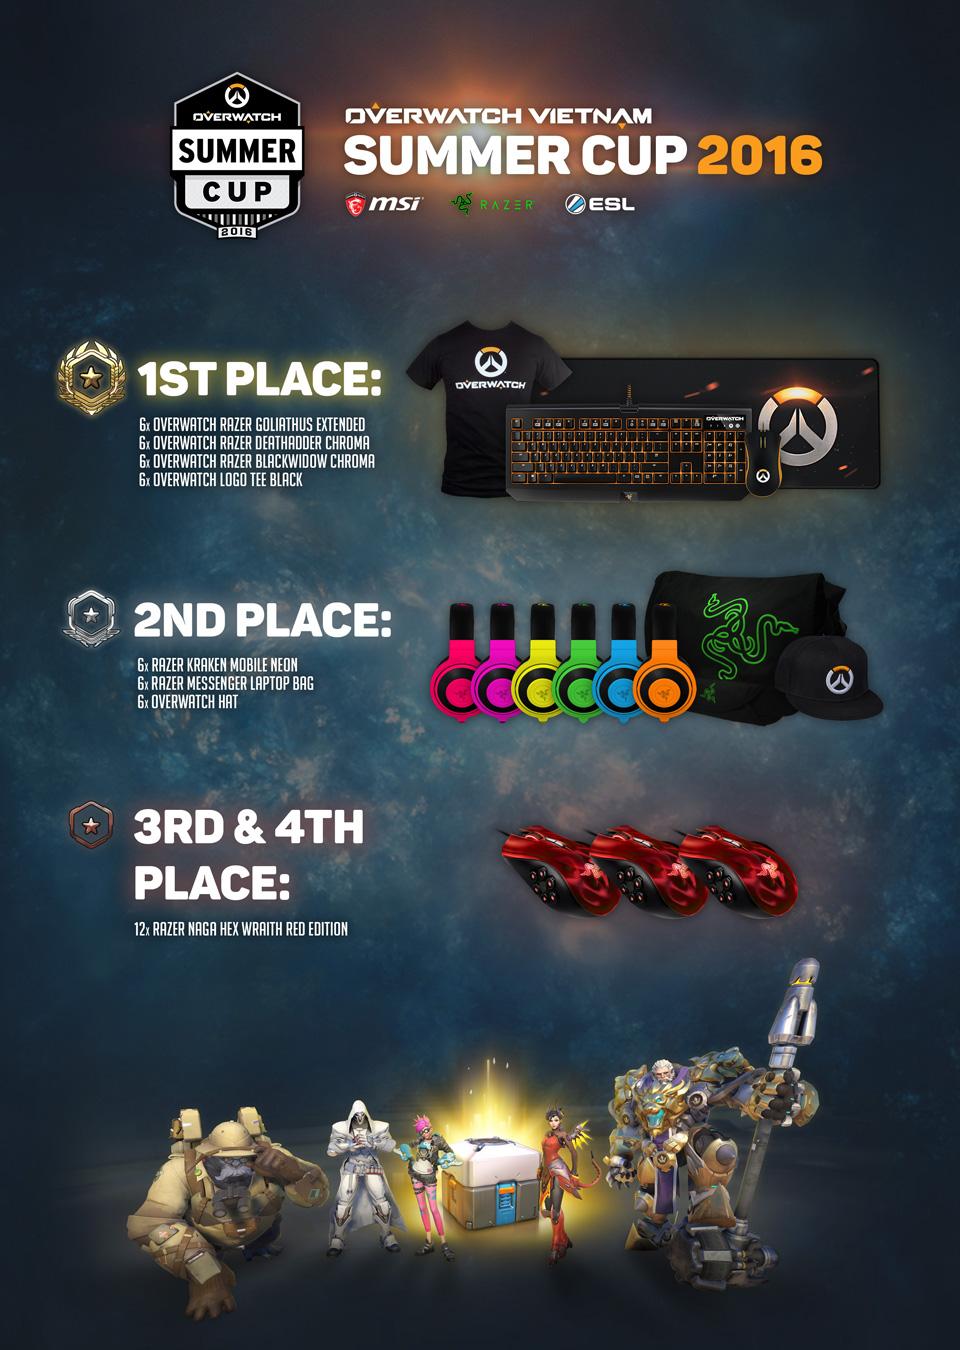 Overwatch Vietnam Summer Cup 2016 chuẩn bị khởi tranh